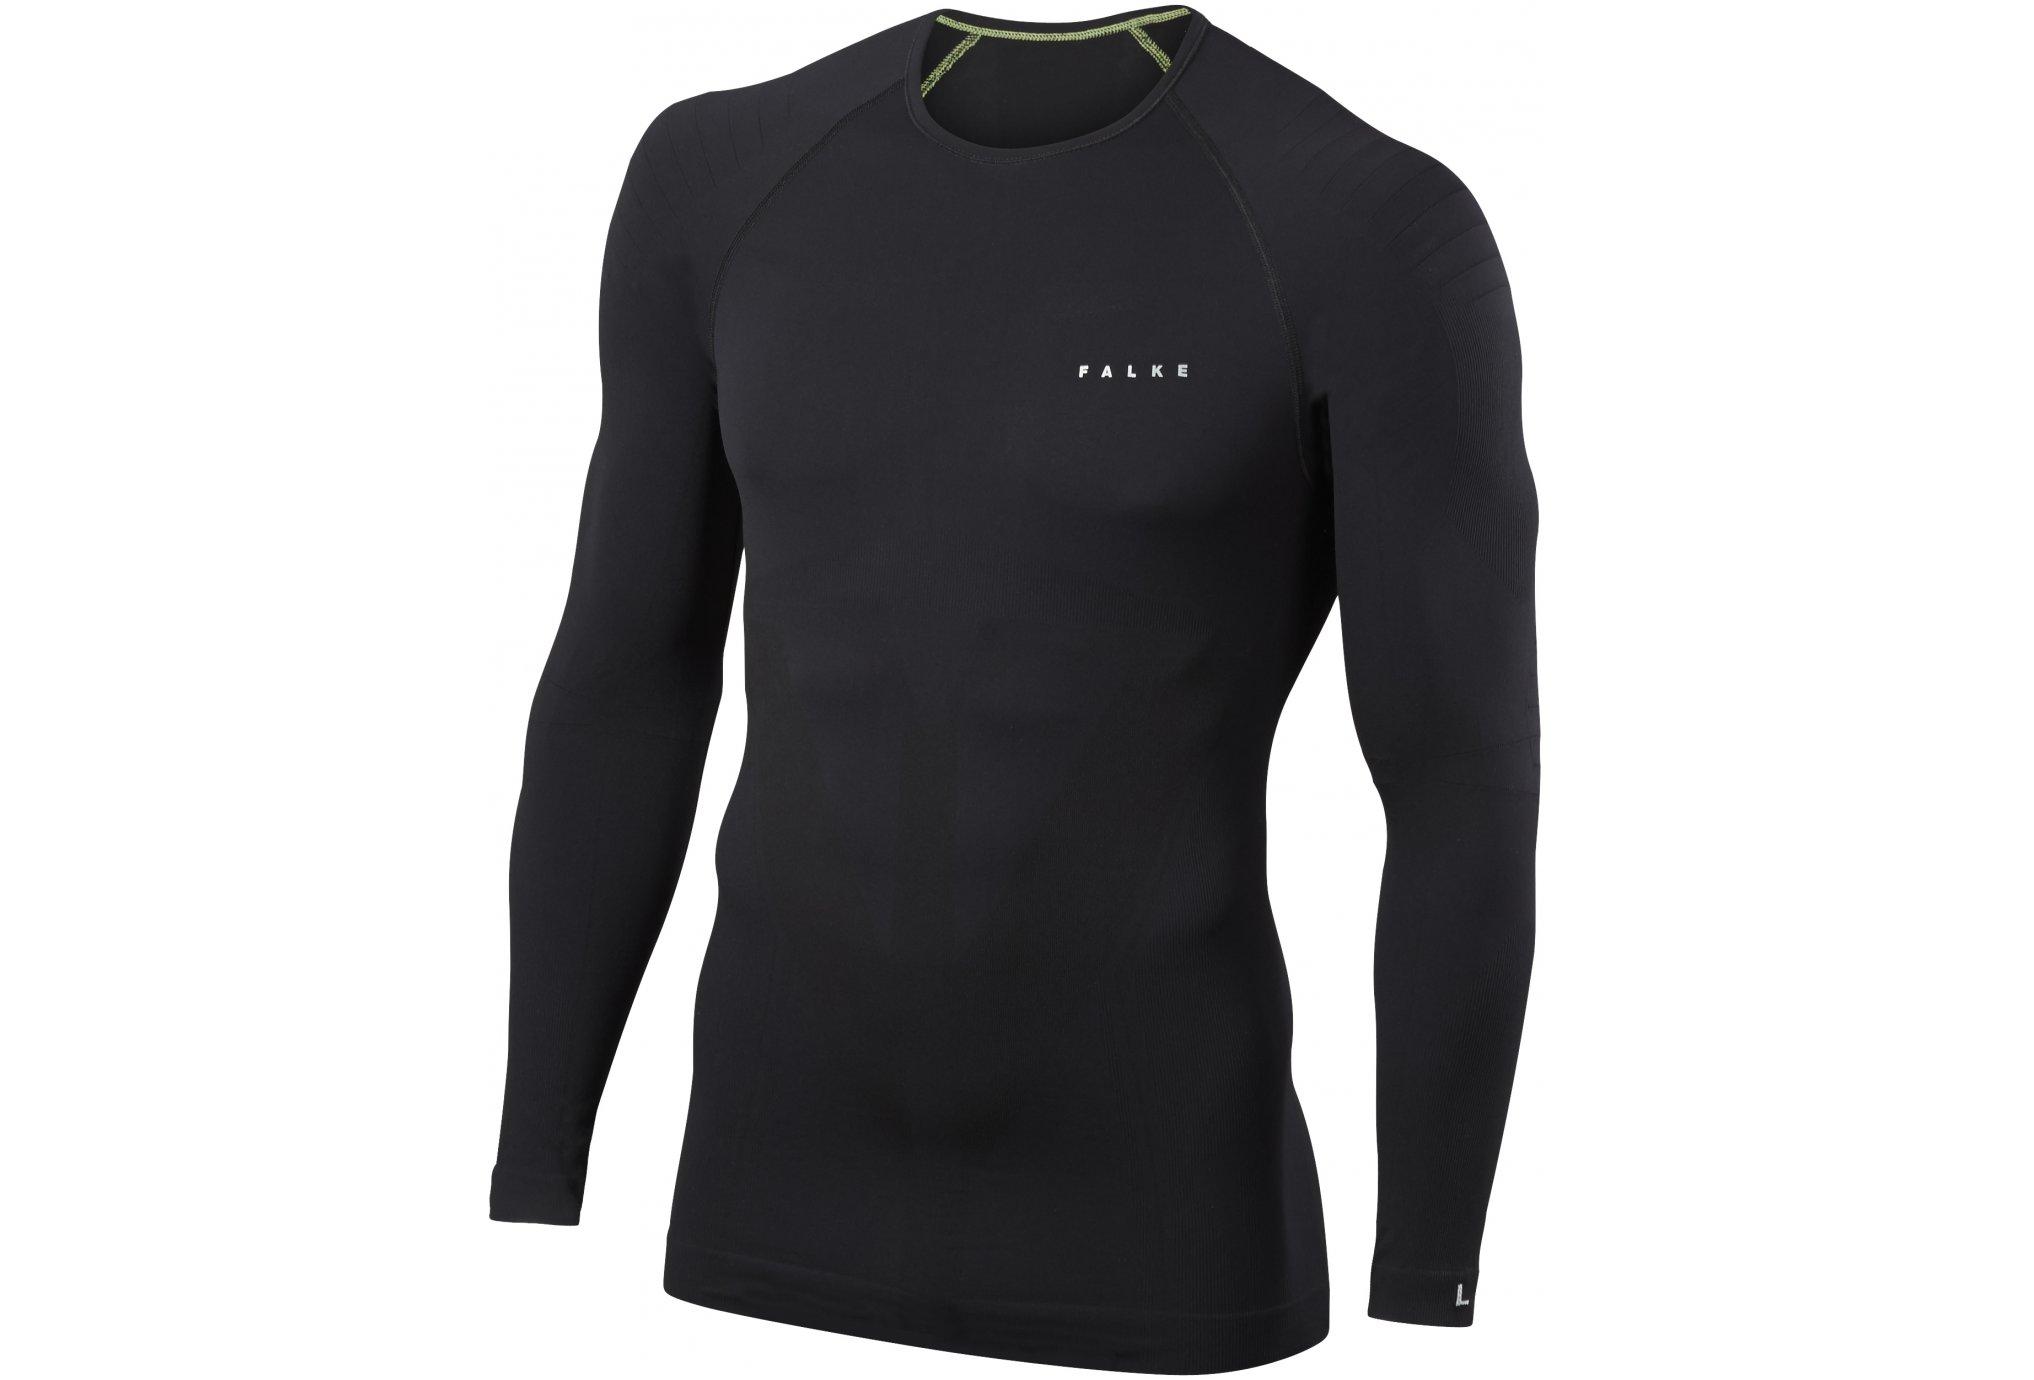 Falke Tee-shirt Athletic LongSleeved M Diététique Vêtements homme